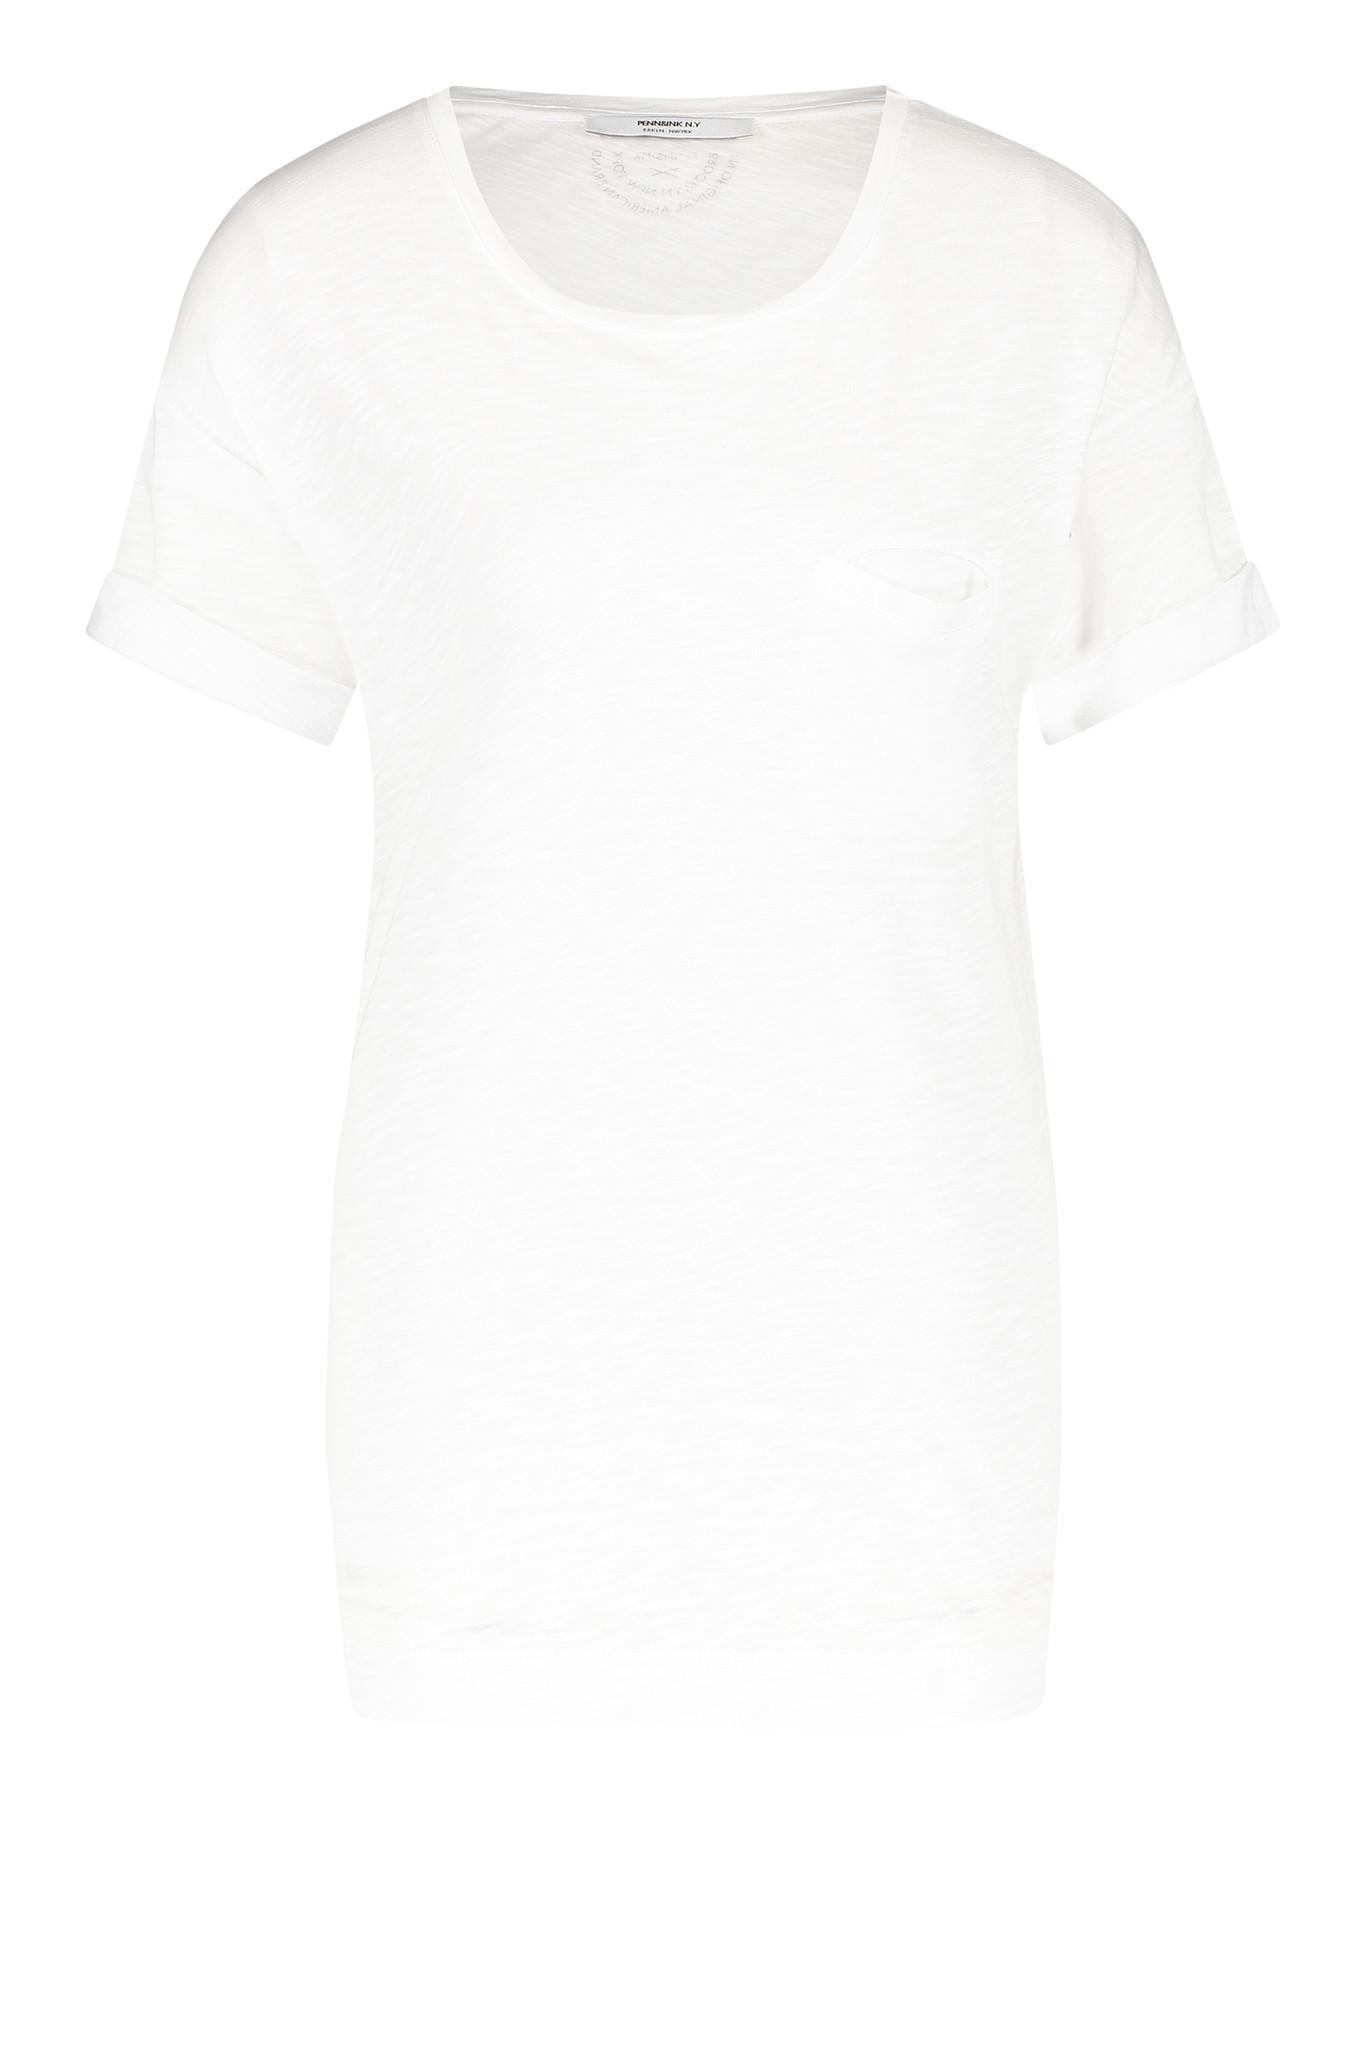 Penn & Ink shirts S21F882-1